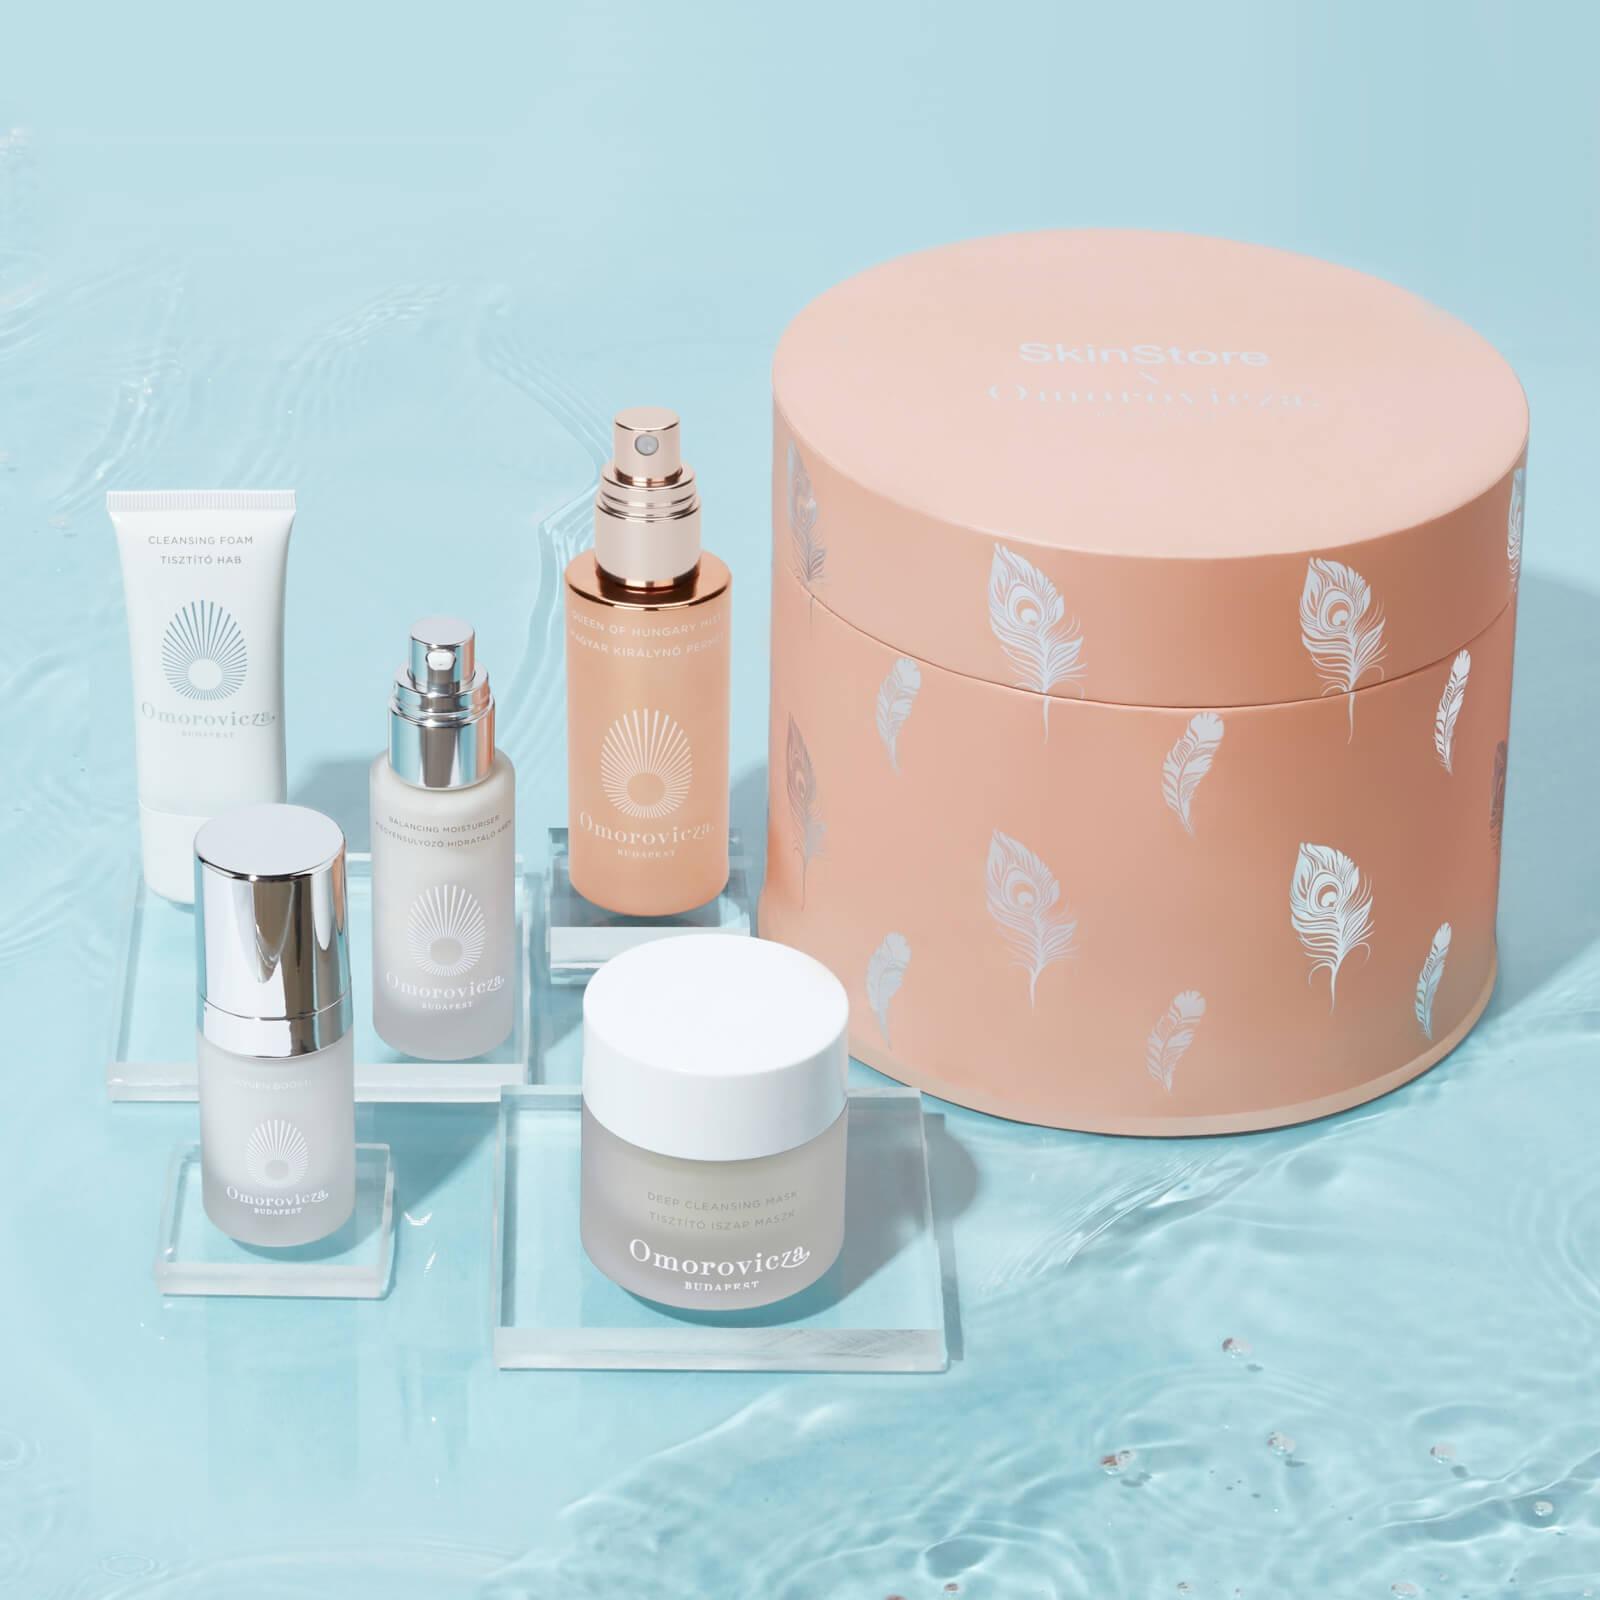 【價值$373】 SkinStore x Omorovicza 合作限量版禮盒